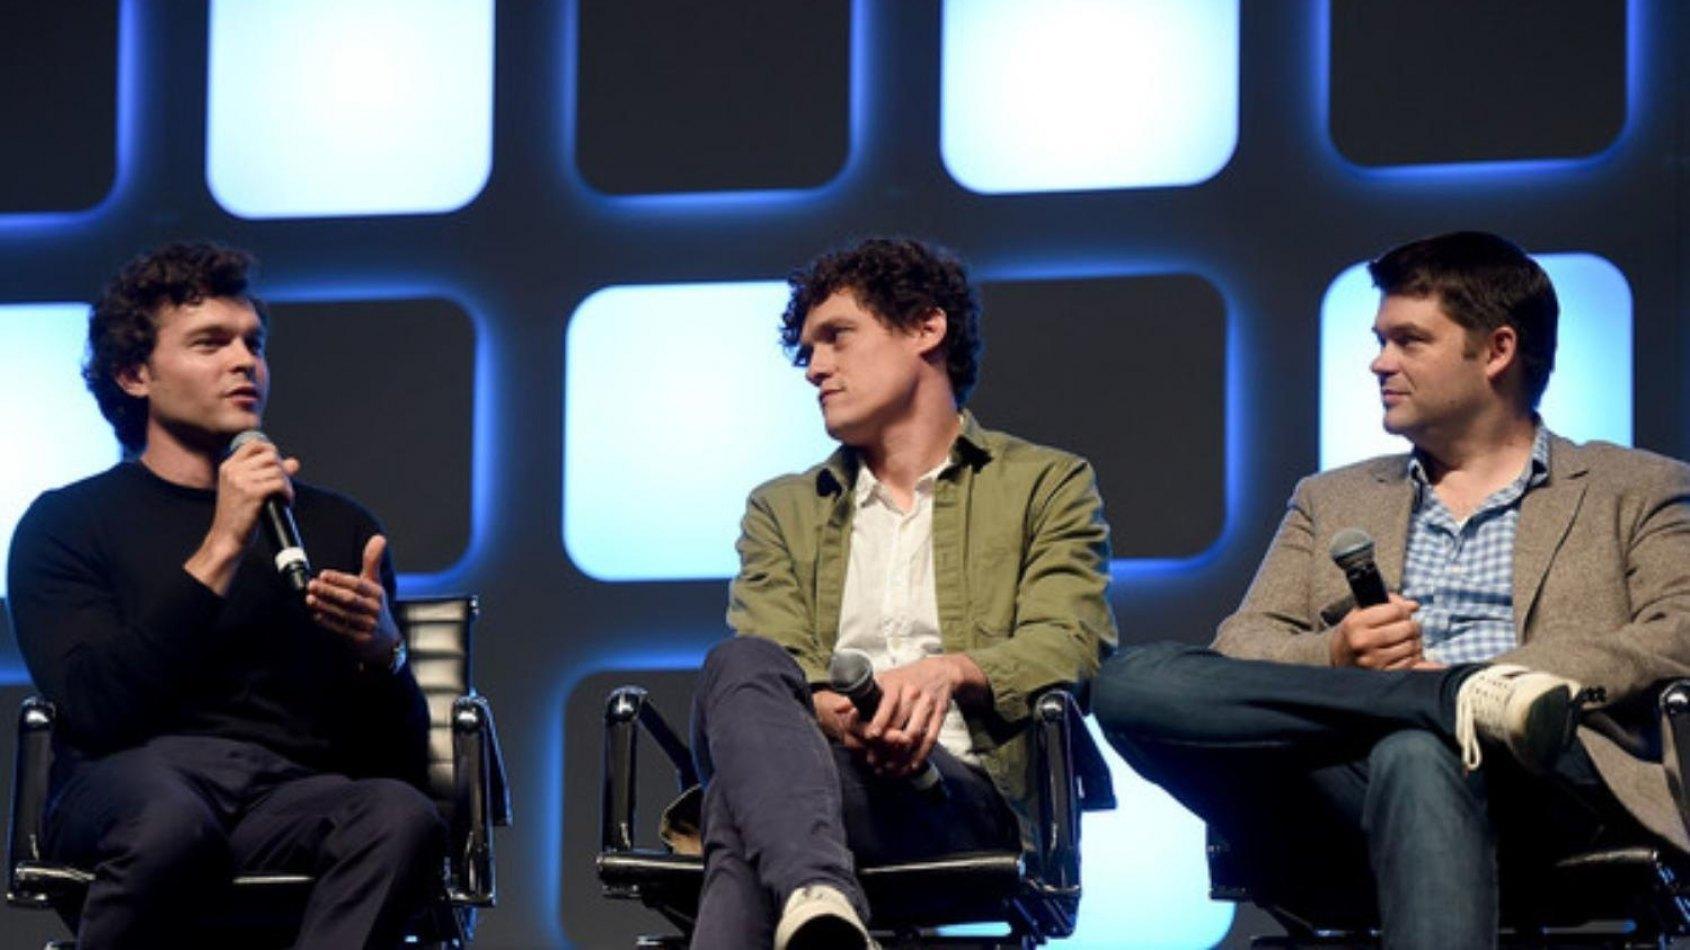 Les noms de production du spin-off d'Han Solo et de l'Ep IX révélés?